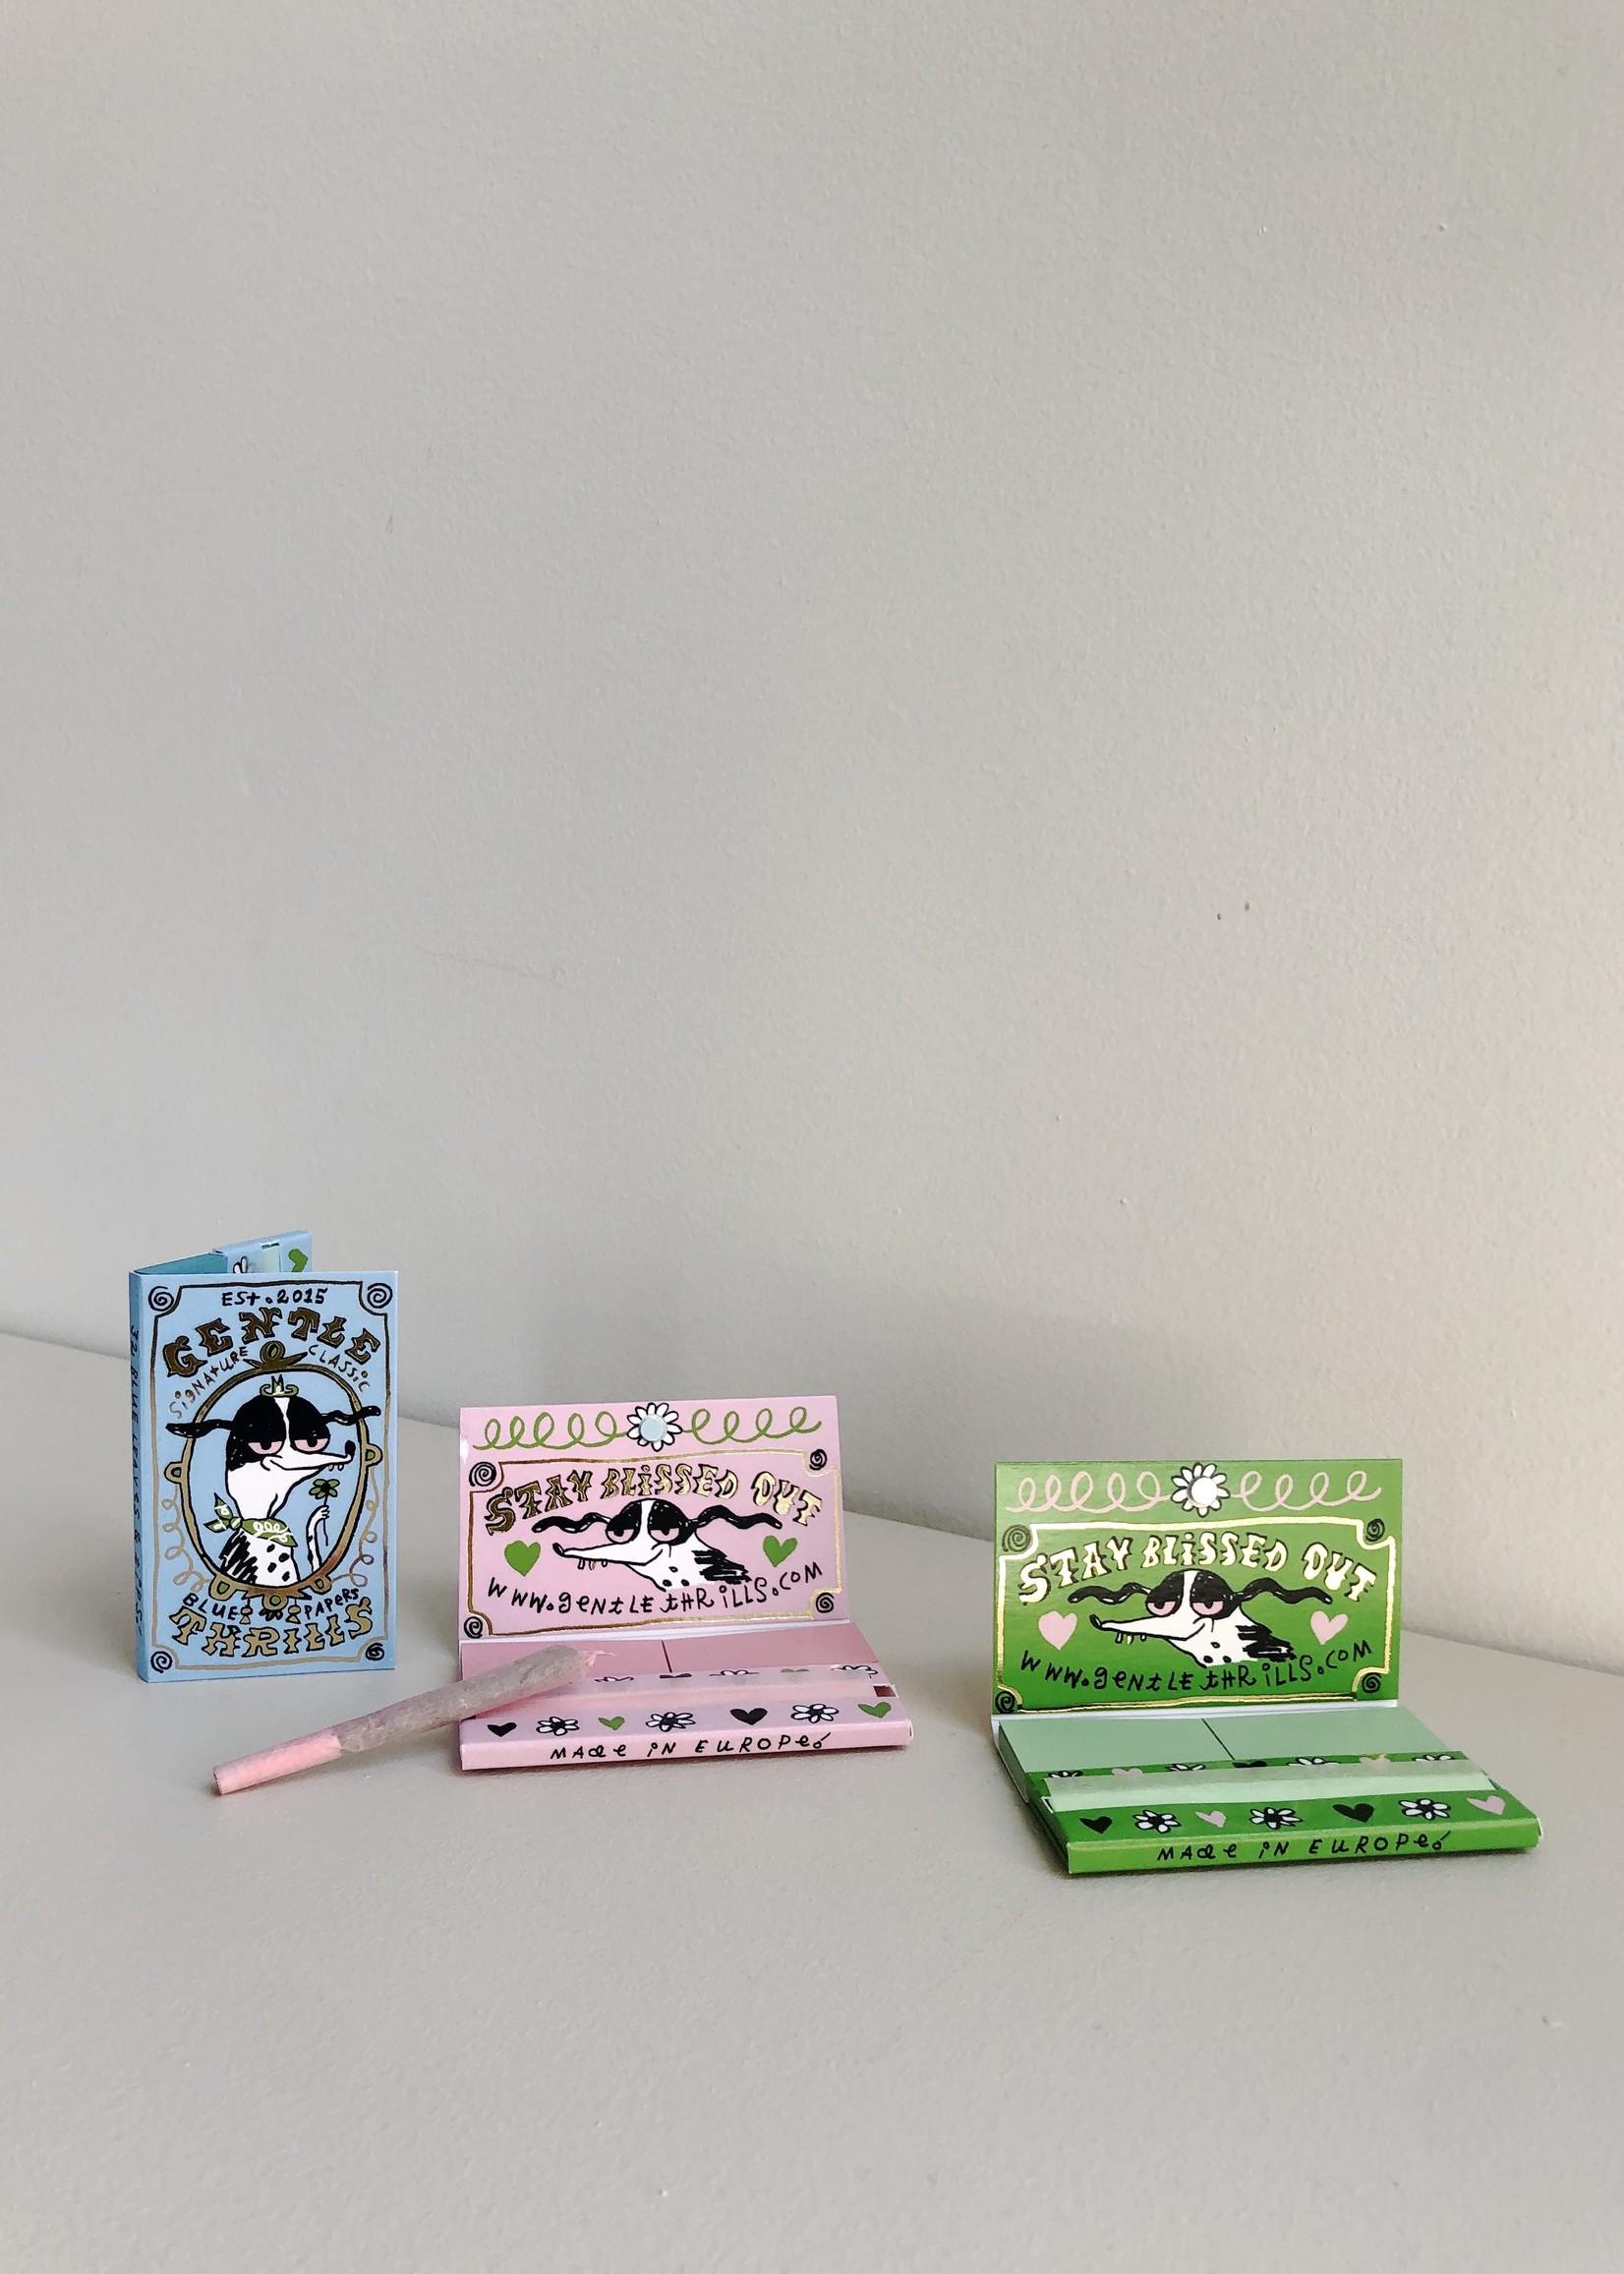 Gentle Thrills Coloured Rolling Paper by Gentle Thrills